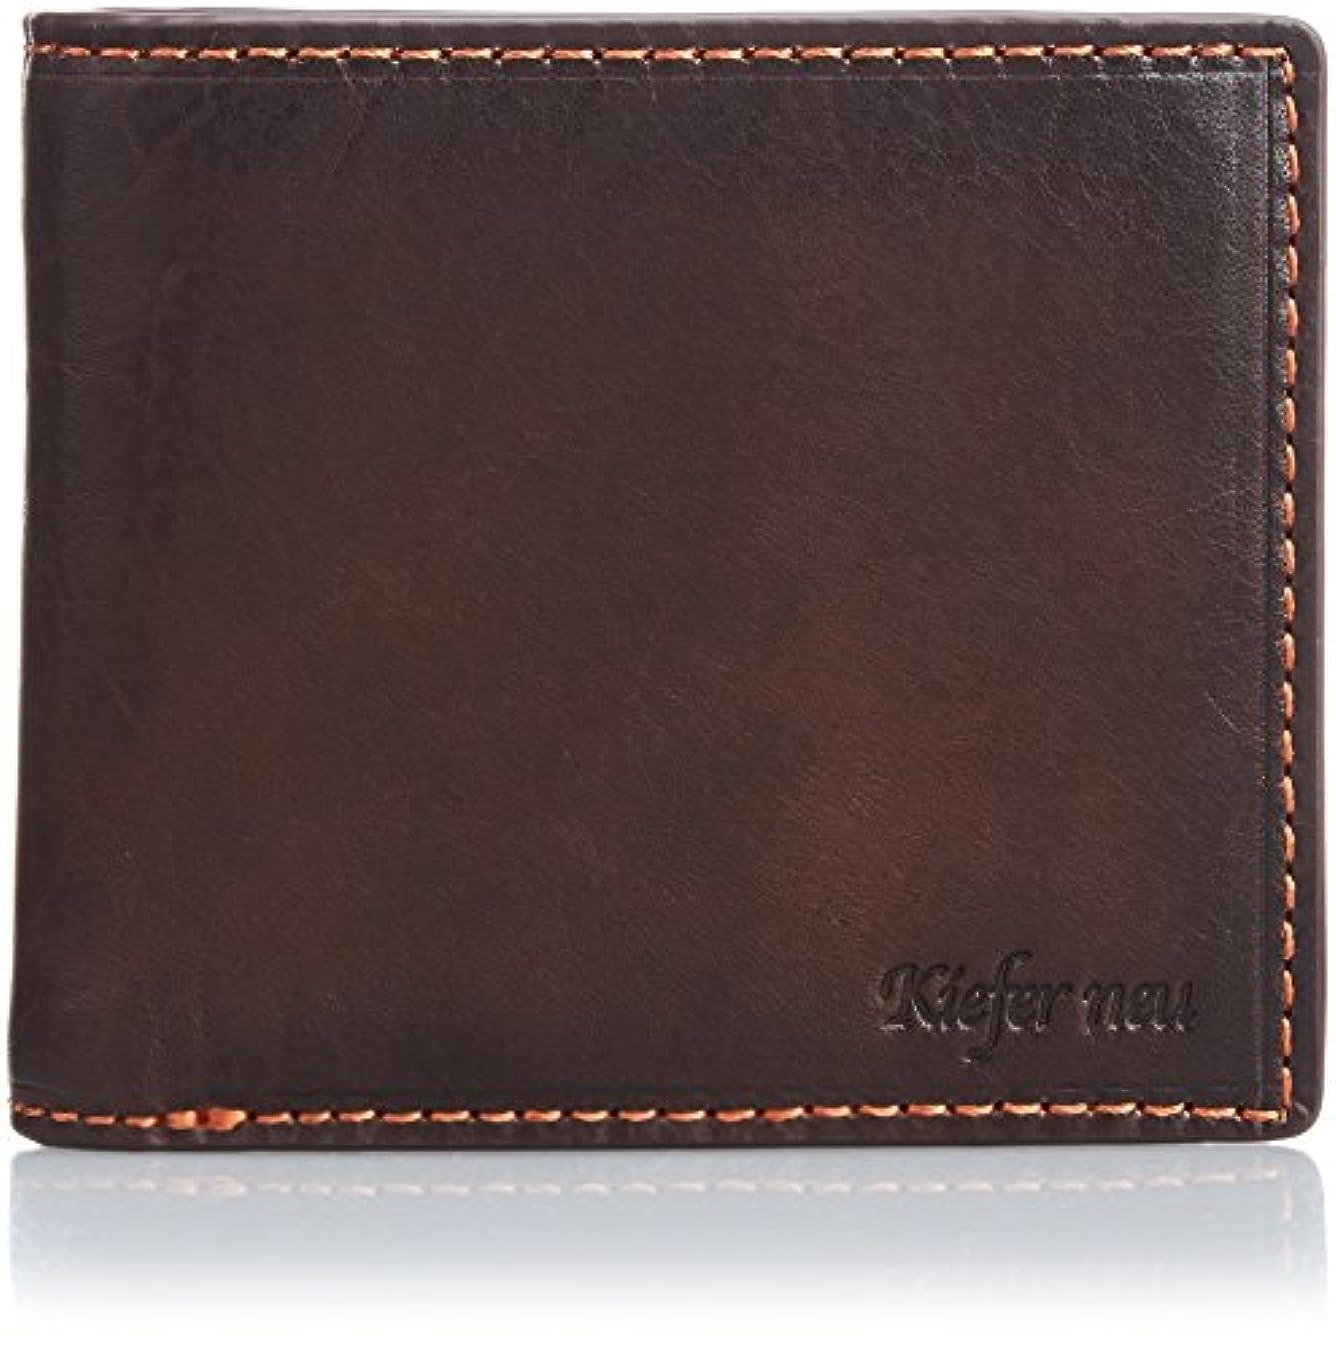 創造ソーダ水遠足[キーファーノイ] 二つ折り財布 Gioia 2KF6502G